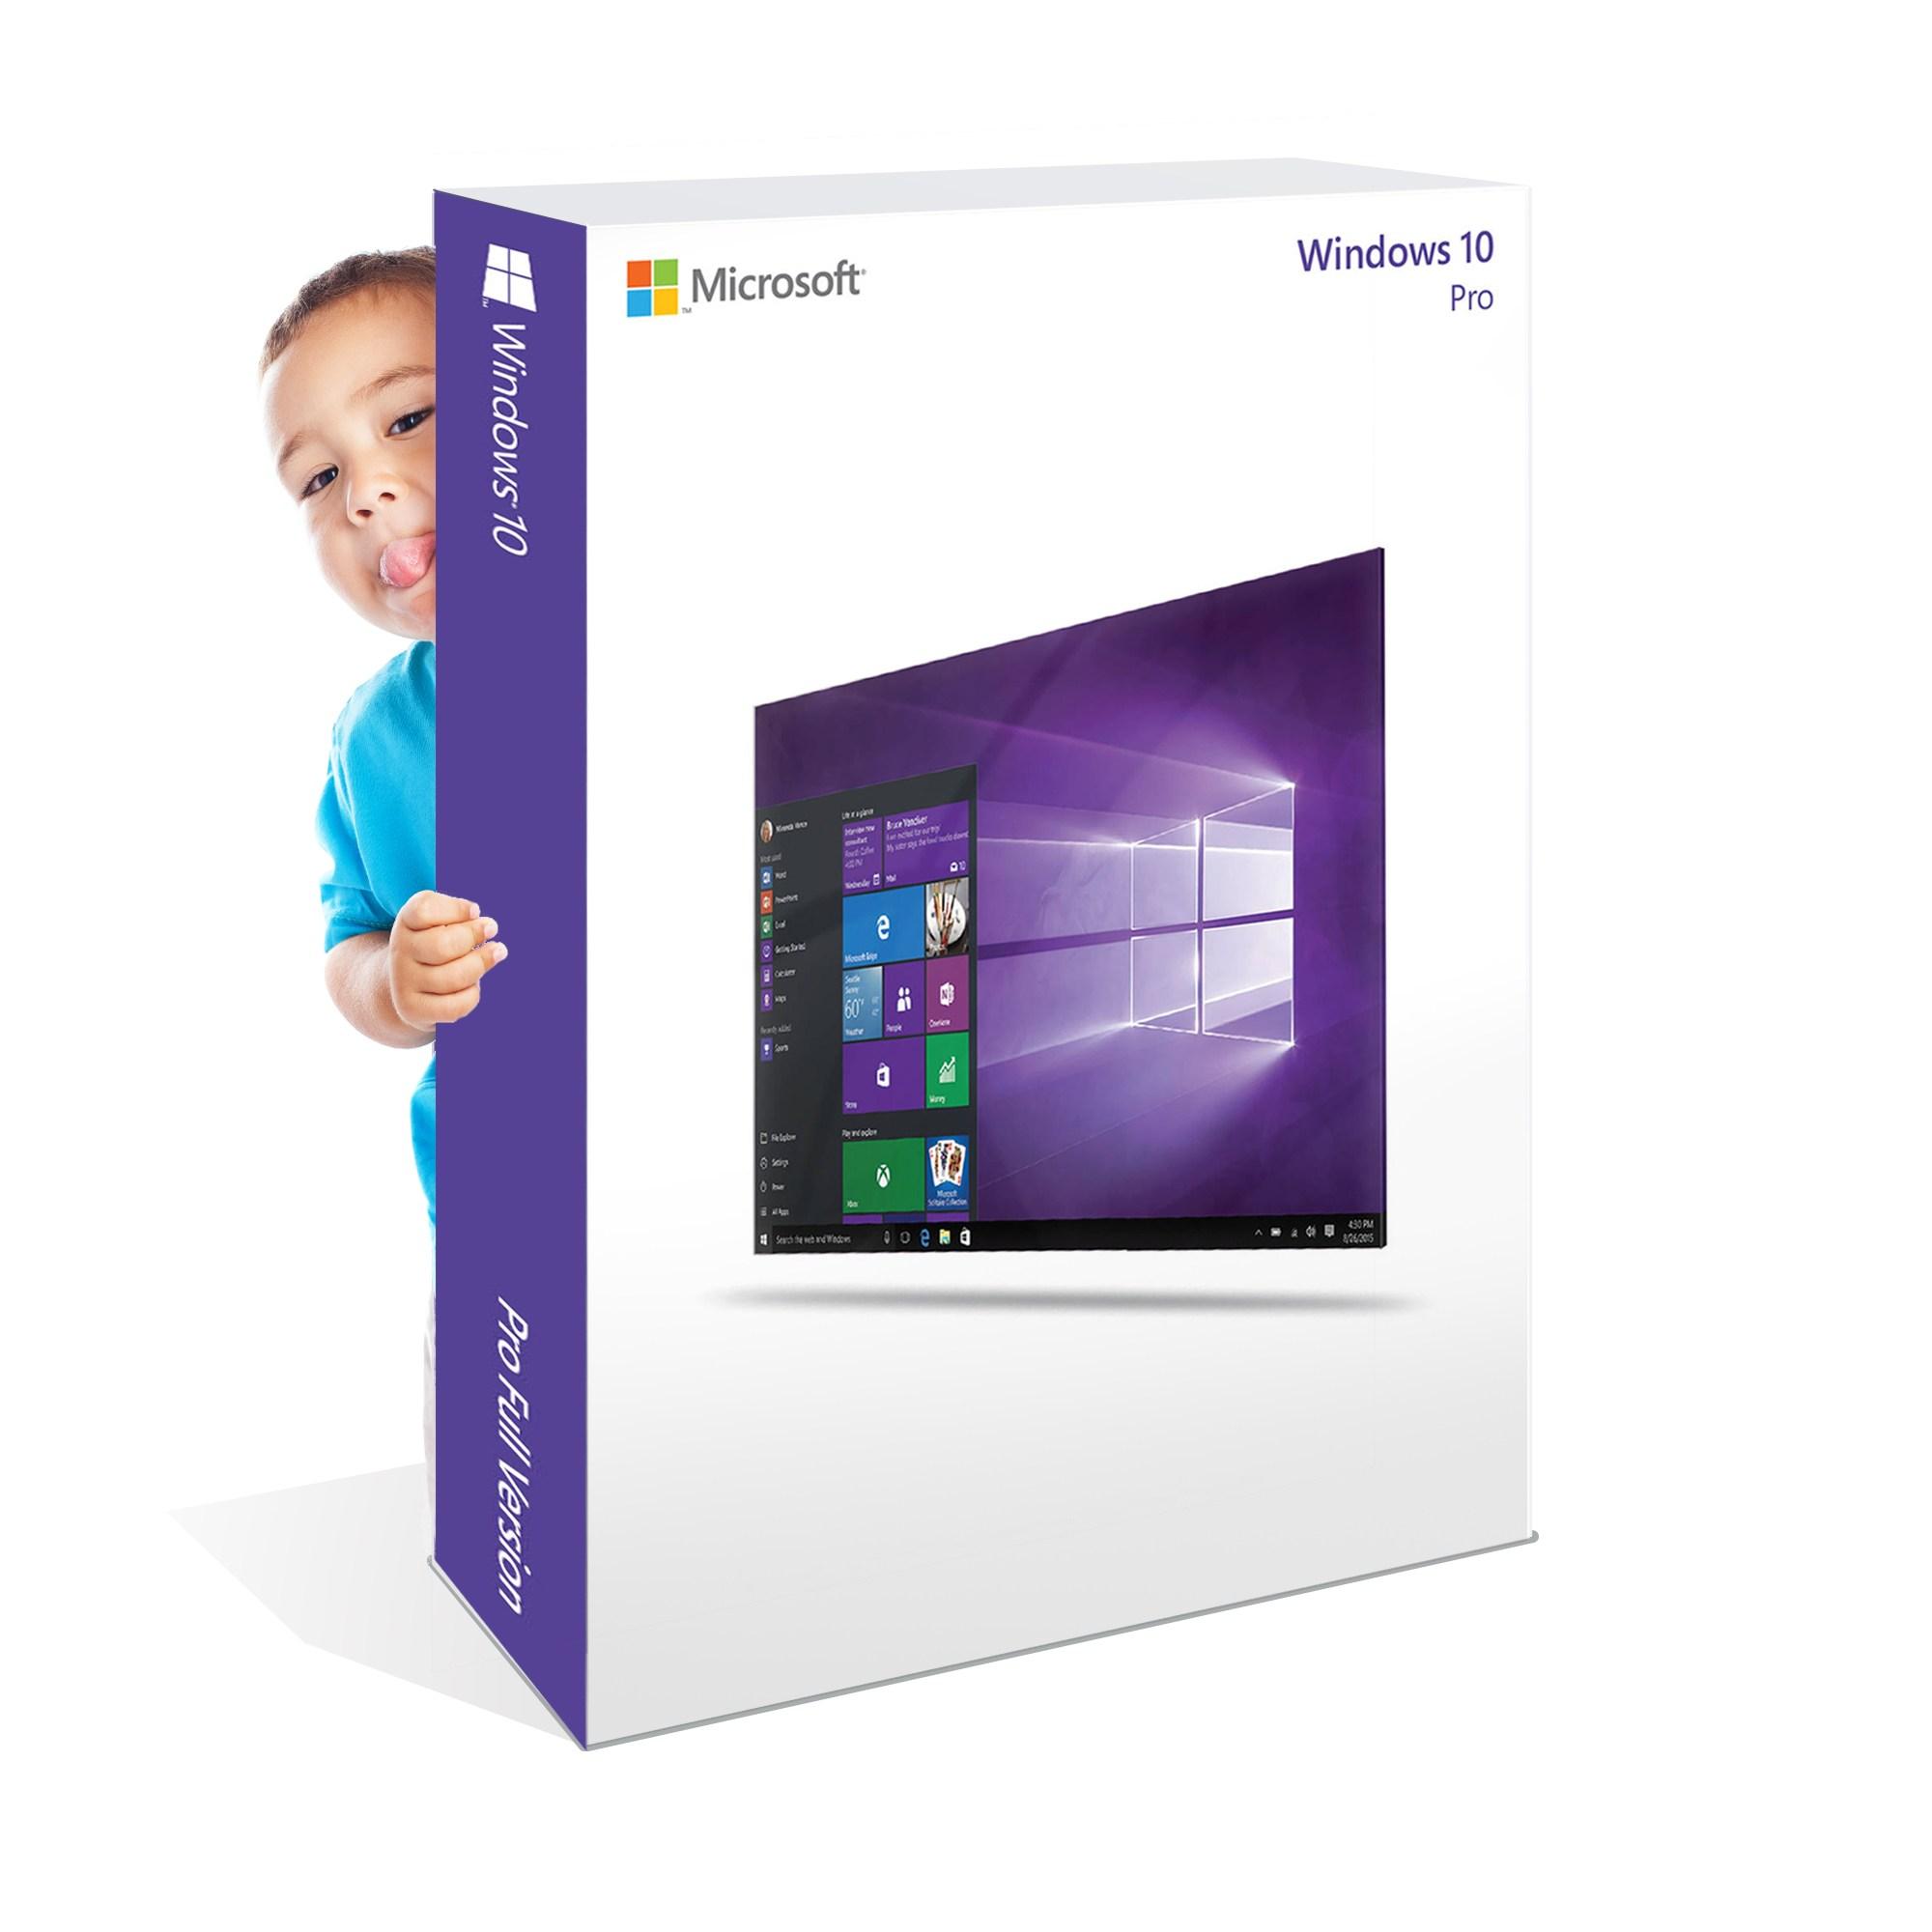 마이크로소프트 윈도우10, 윈도우10 Pro